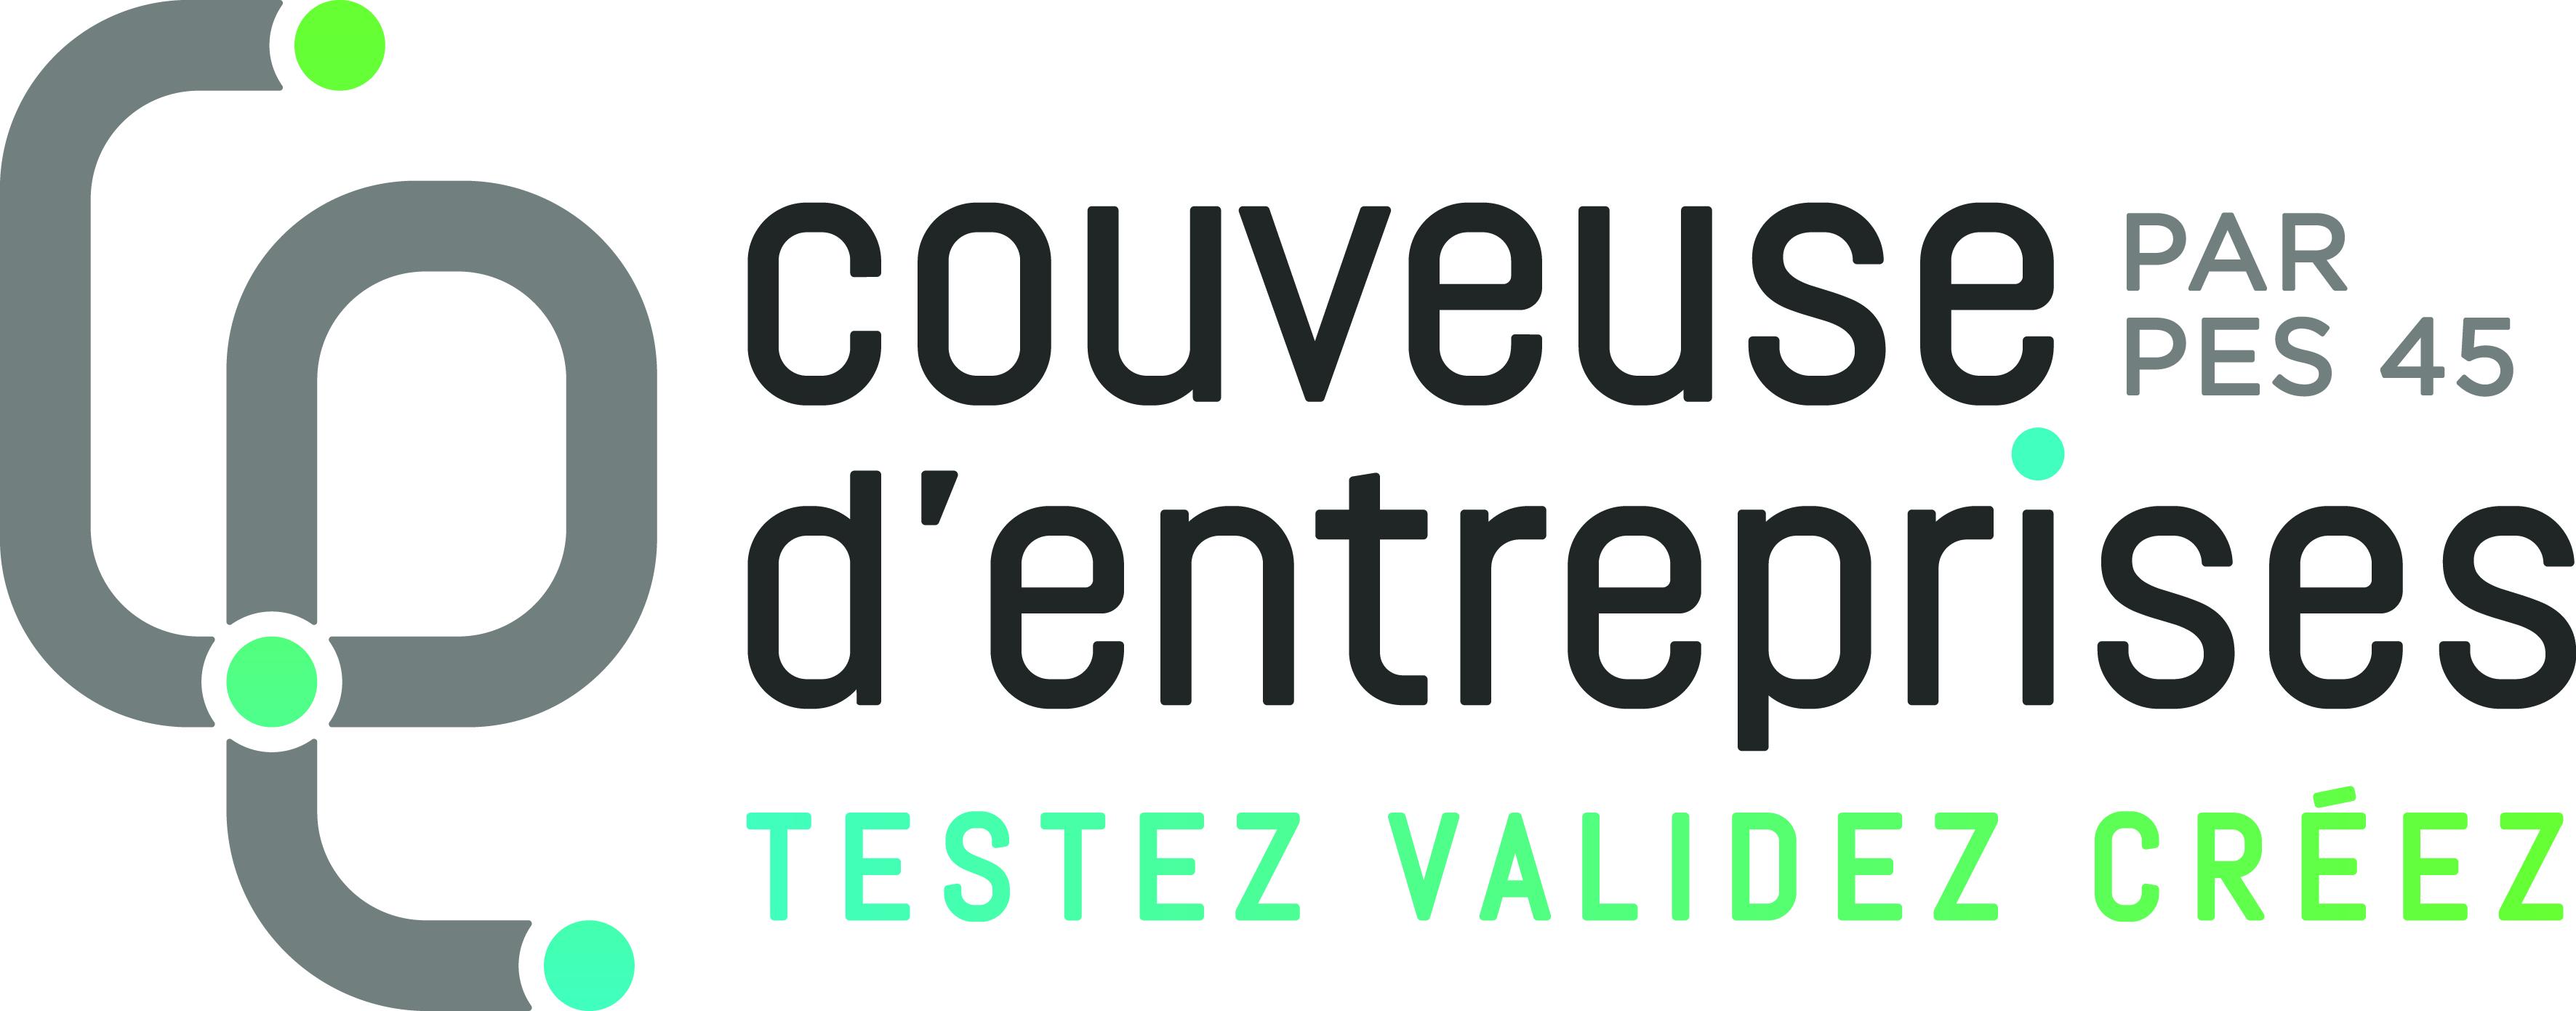 Le logo de la couveuses d'entreprises PES 45 à Orléans